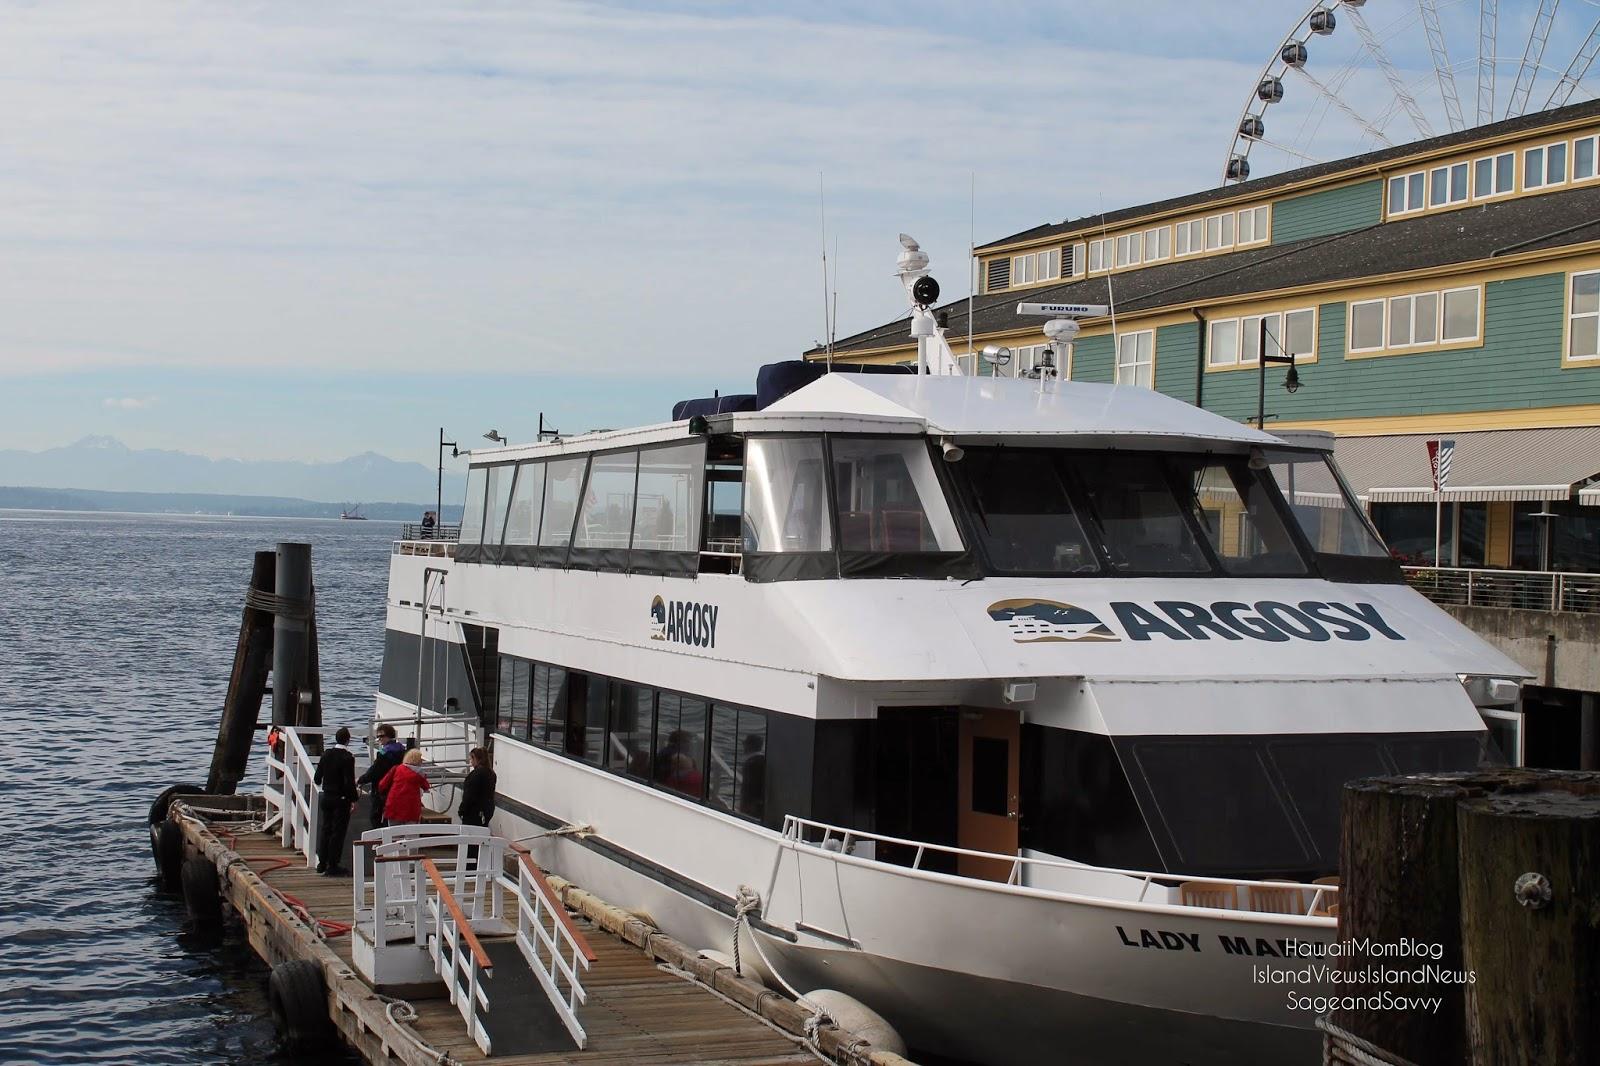 Hawaii Mom Blog Visit Seattle Argosy Cruises Harbor Cruise Tour